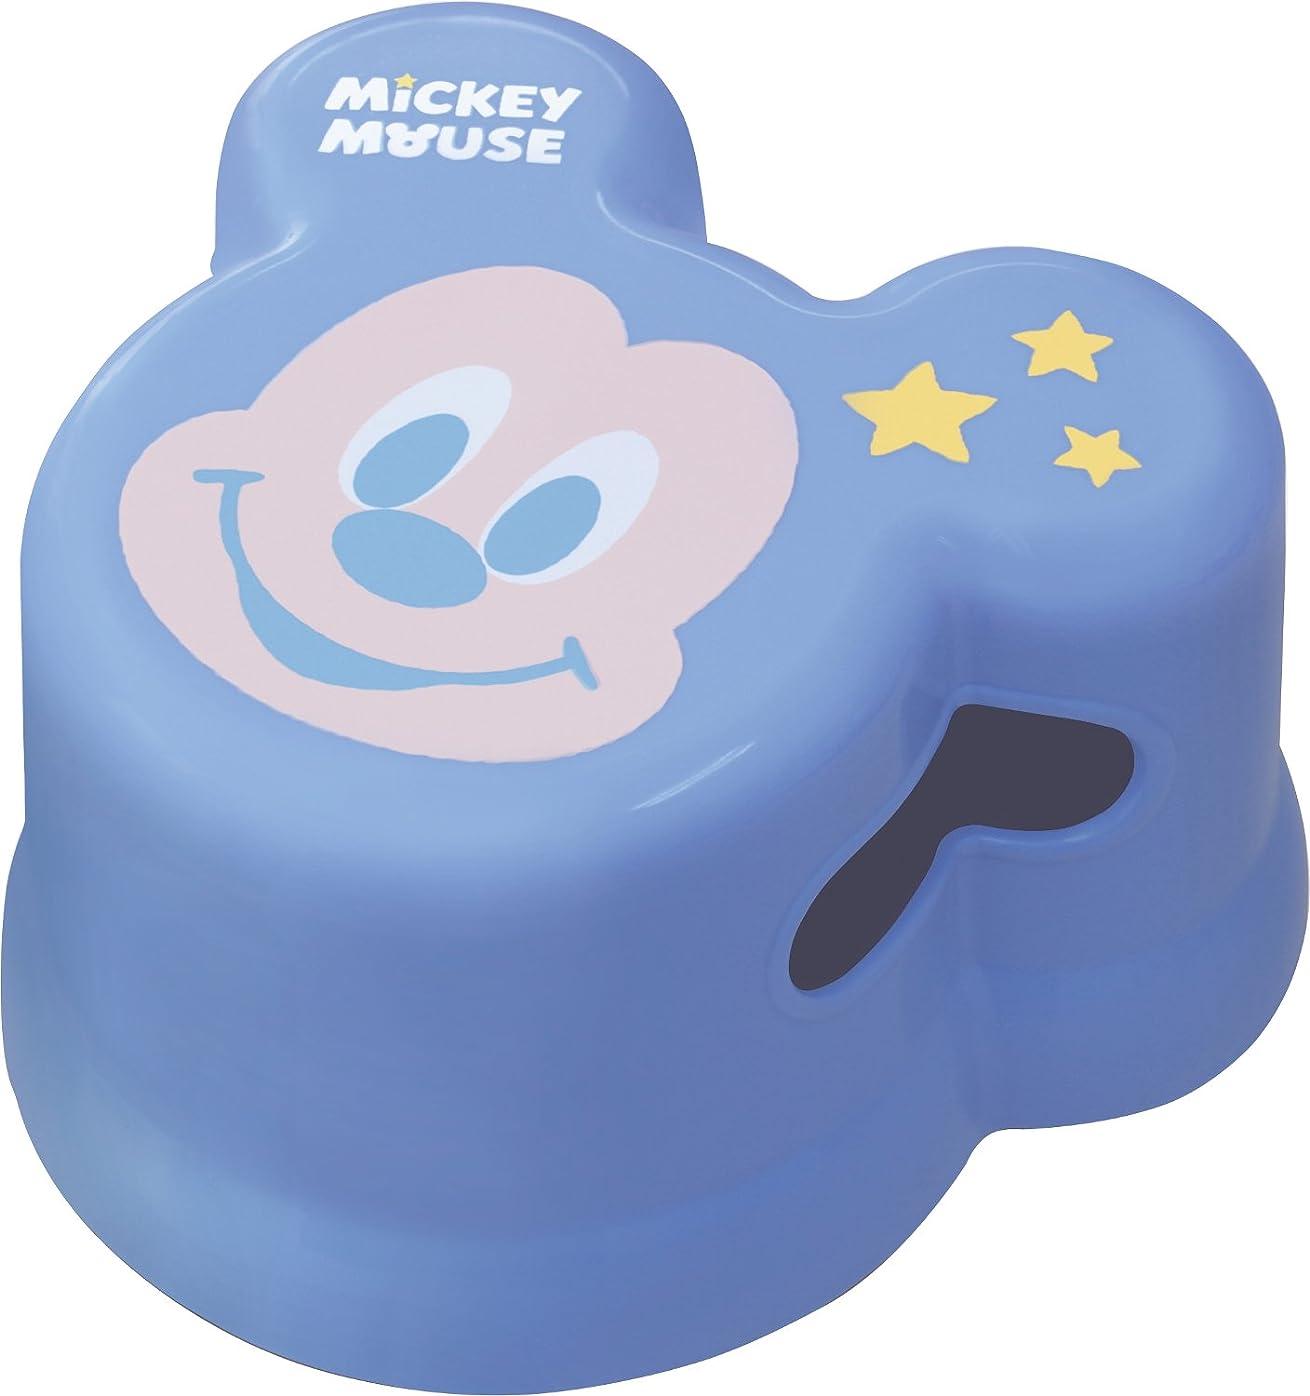 エキスパラメータクラウド錦化成 バスチェア ブルー 260×235×140mm ミッキー 子供用風呂椅子